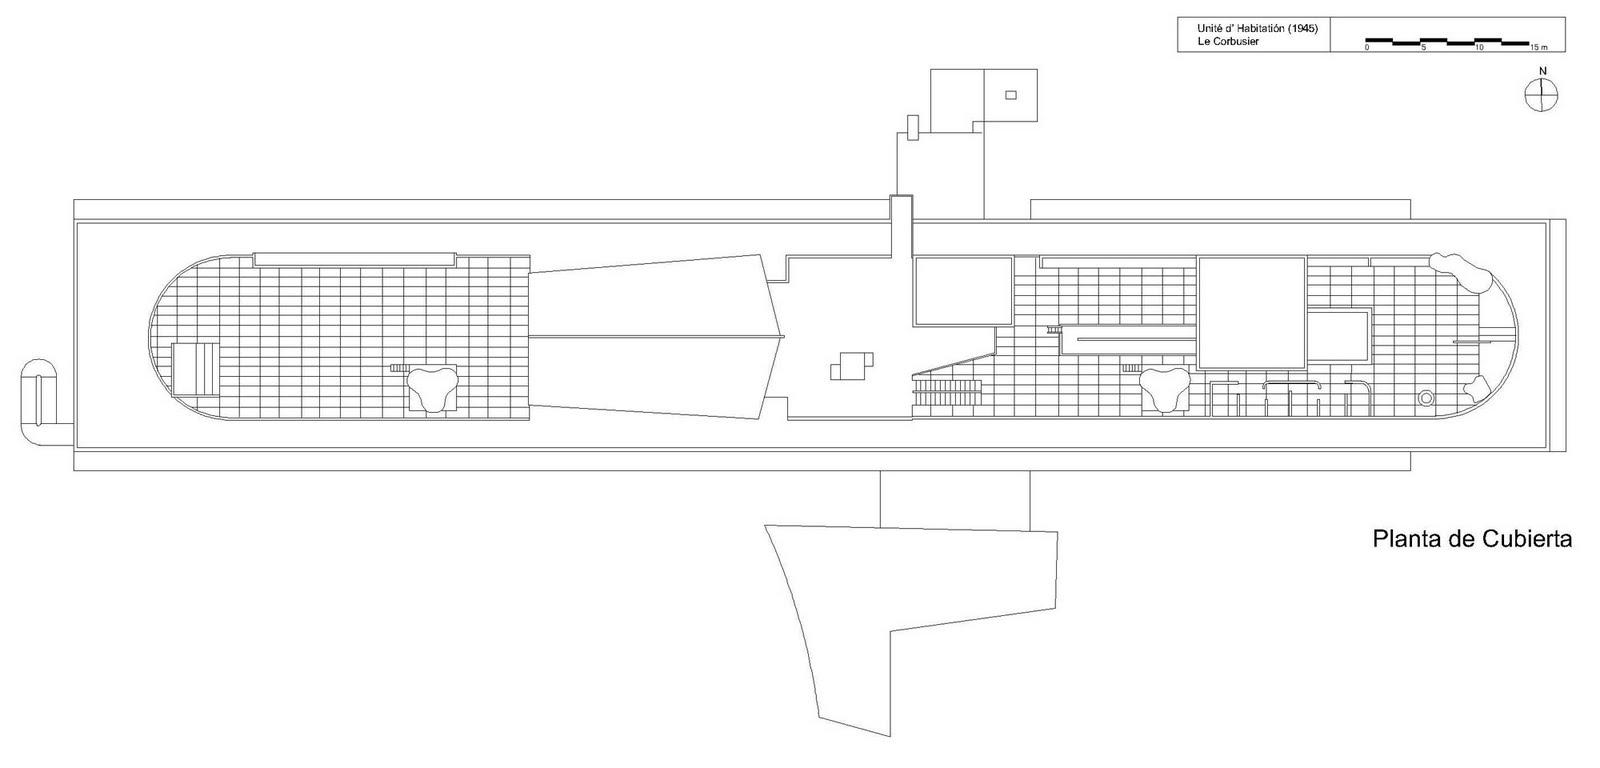 plano en la celdilla unidad essay Rt journal article sr 00 id 103989/revmetalm0841 a1 gutiérrez vázquez, j a a1 oñoro lopez, javier t1 fabricación y comportamiento de.